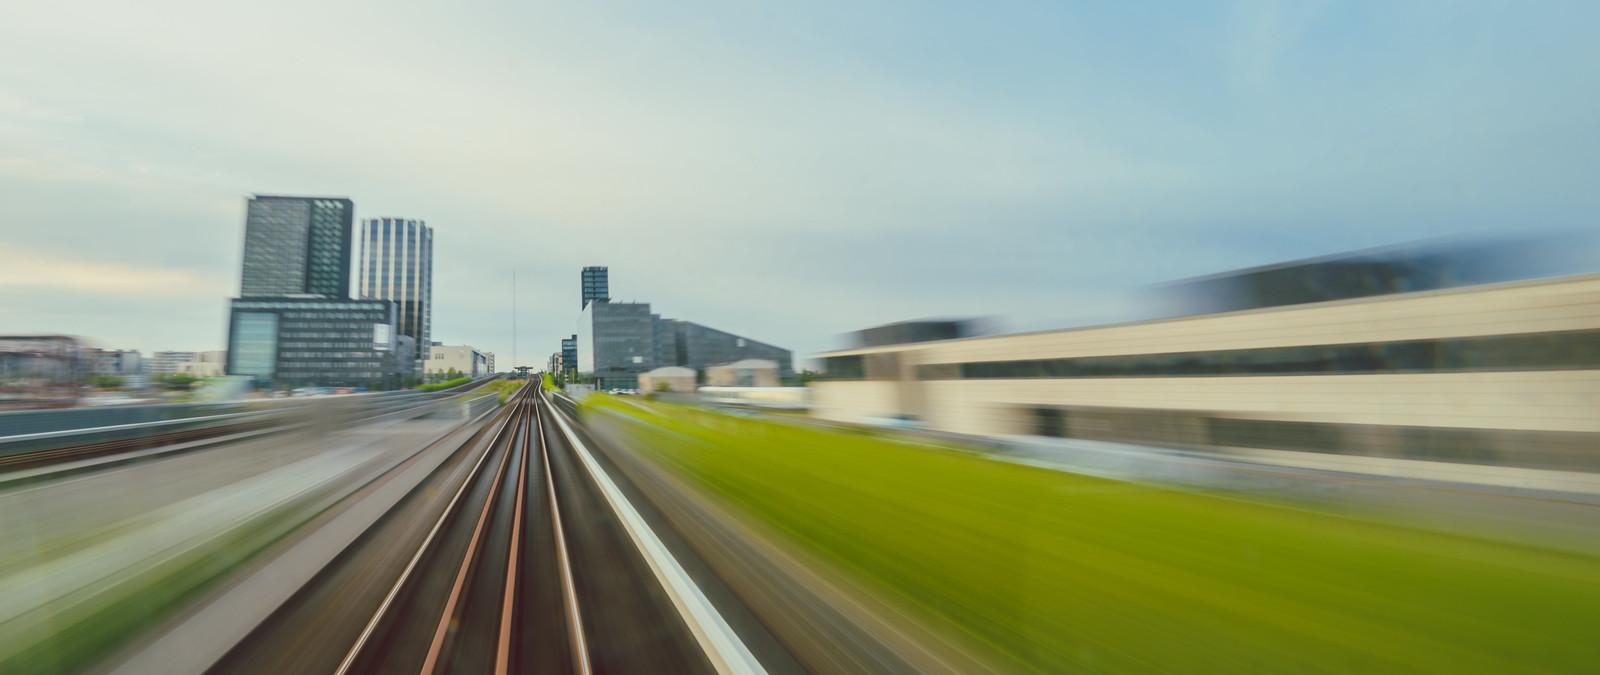 Motion Blur | Copenhagen, Denmark 2015